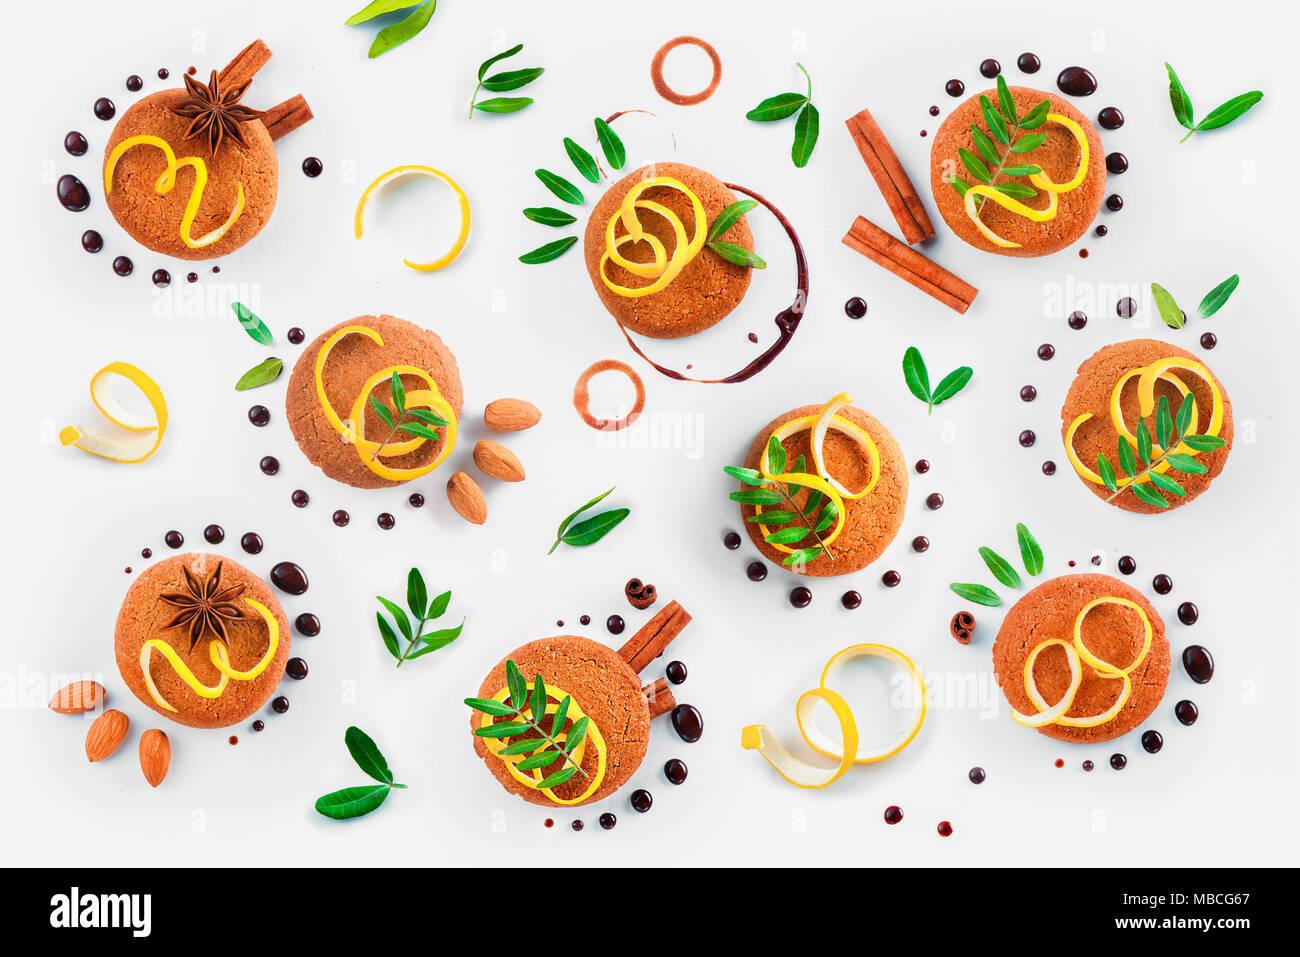 Décoration Cookie télévision lay. Conseils alimentaires fait modèle de cookies, chocolat swooshes et joints toriques, la cannelle, le zeste de citron et feuilles vertes. Banque D'Images